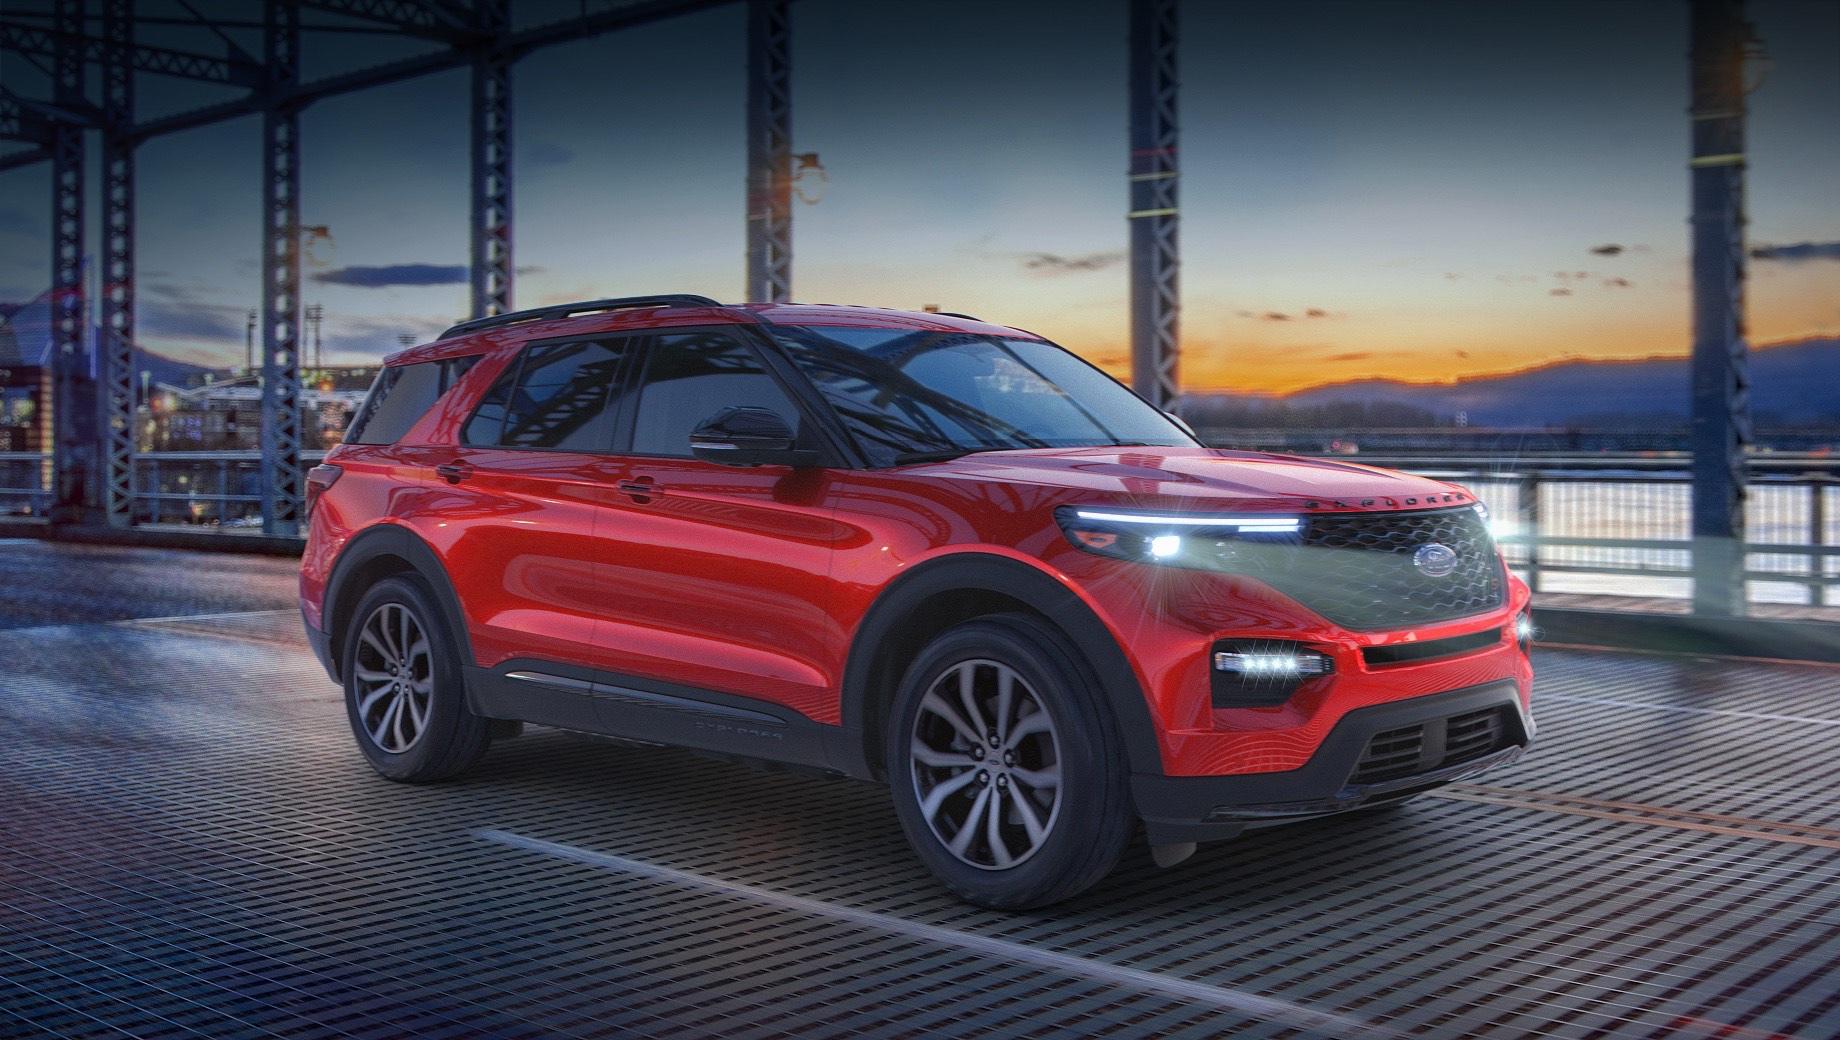 Ford explorer. По результатам американских продаж за 2020 год Ford Explorer — один из двух (второй — Hyundai Palisade) среднеразмерных кроссоверов в лидирующей десятке, который нарастил результаты по сравнению с 2019-м. Прибавка в 23% вывела модель на показатель 226 217 реализованных машин.